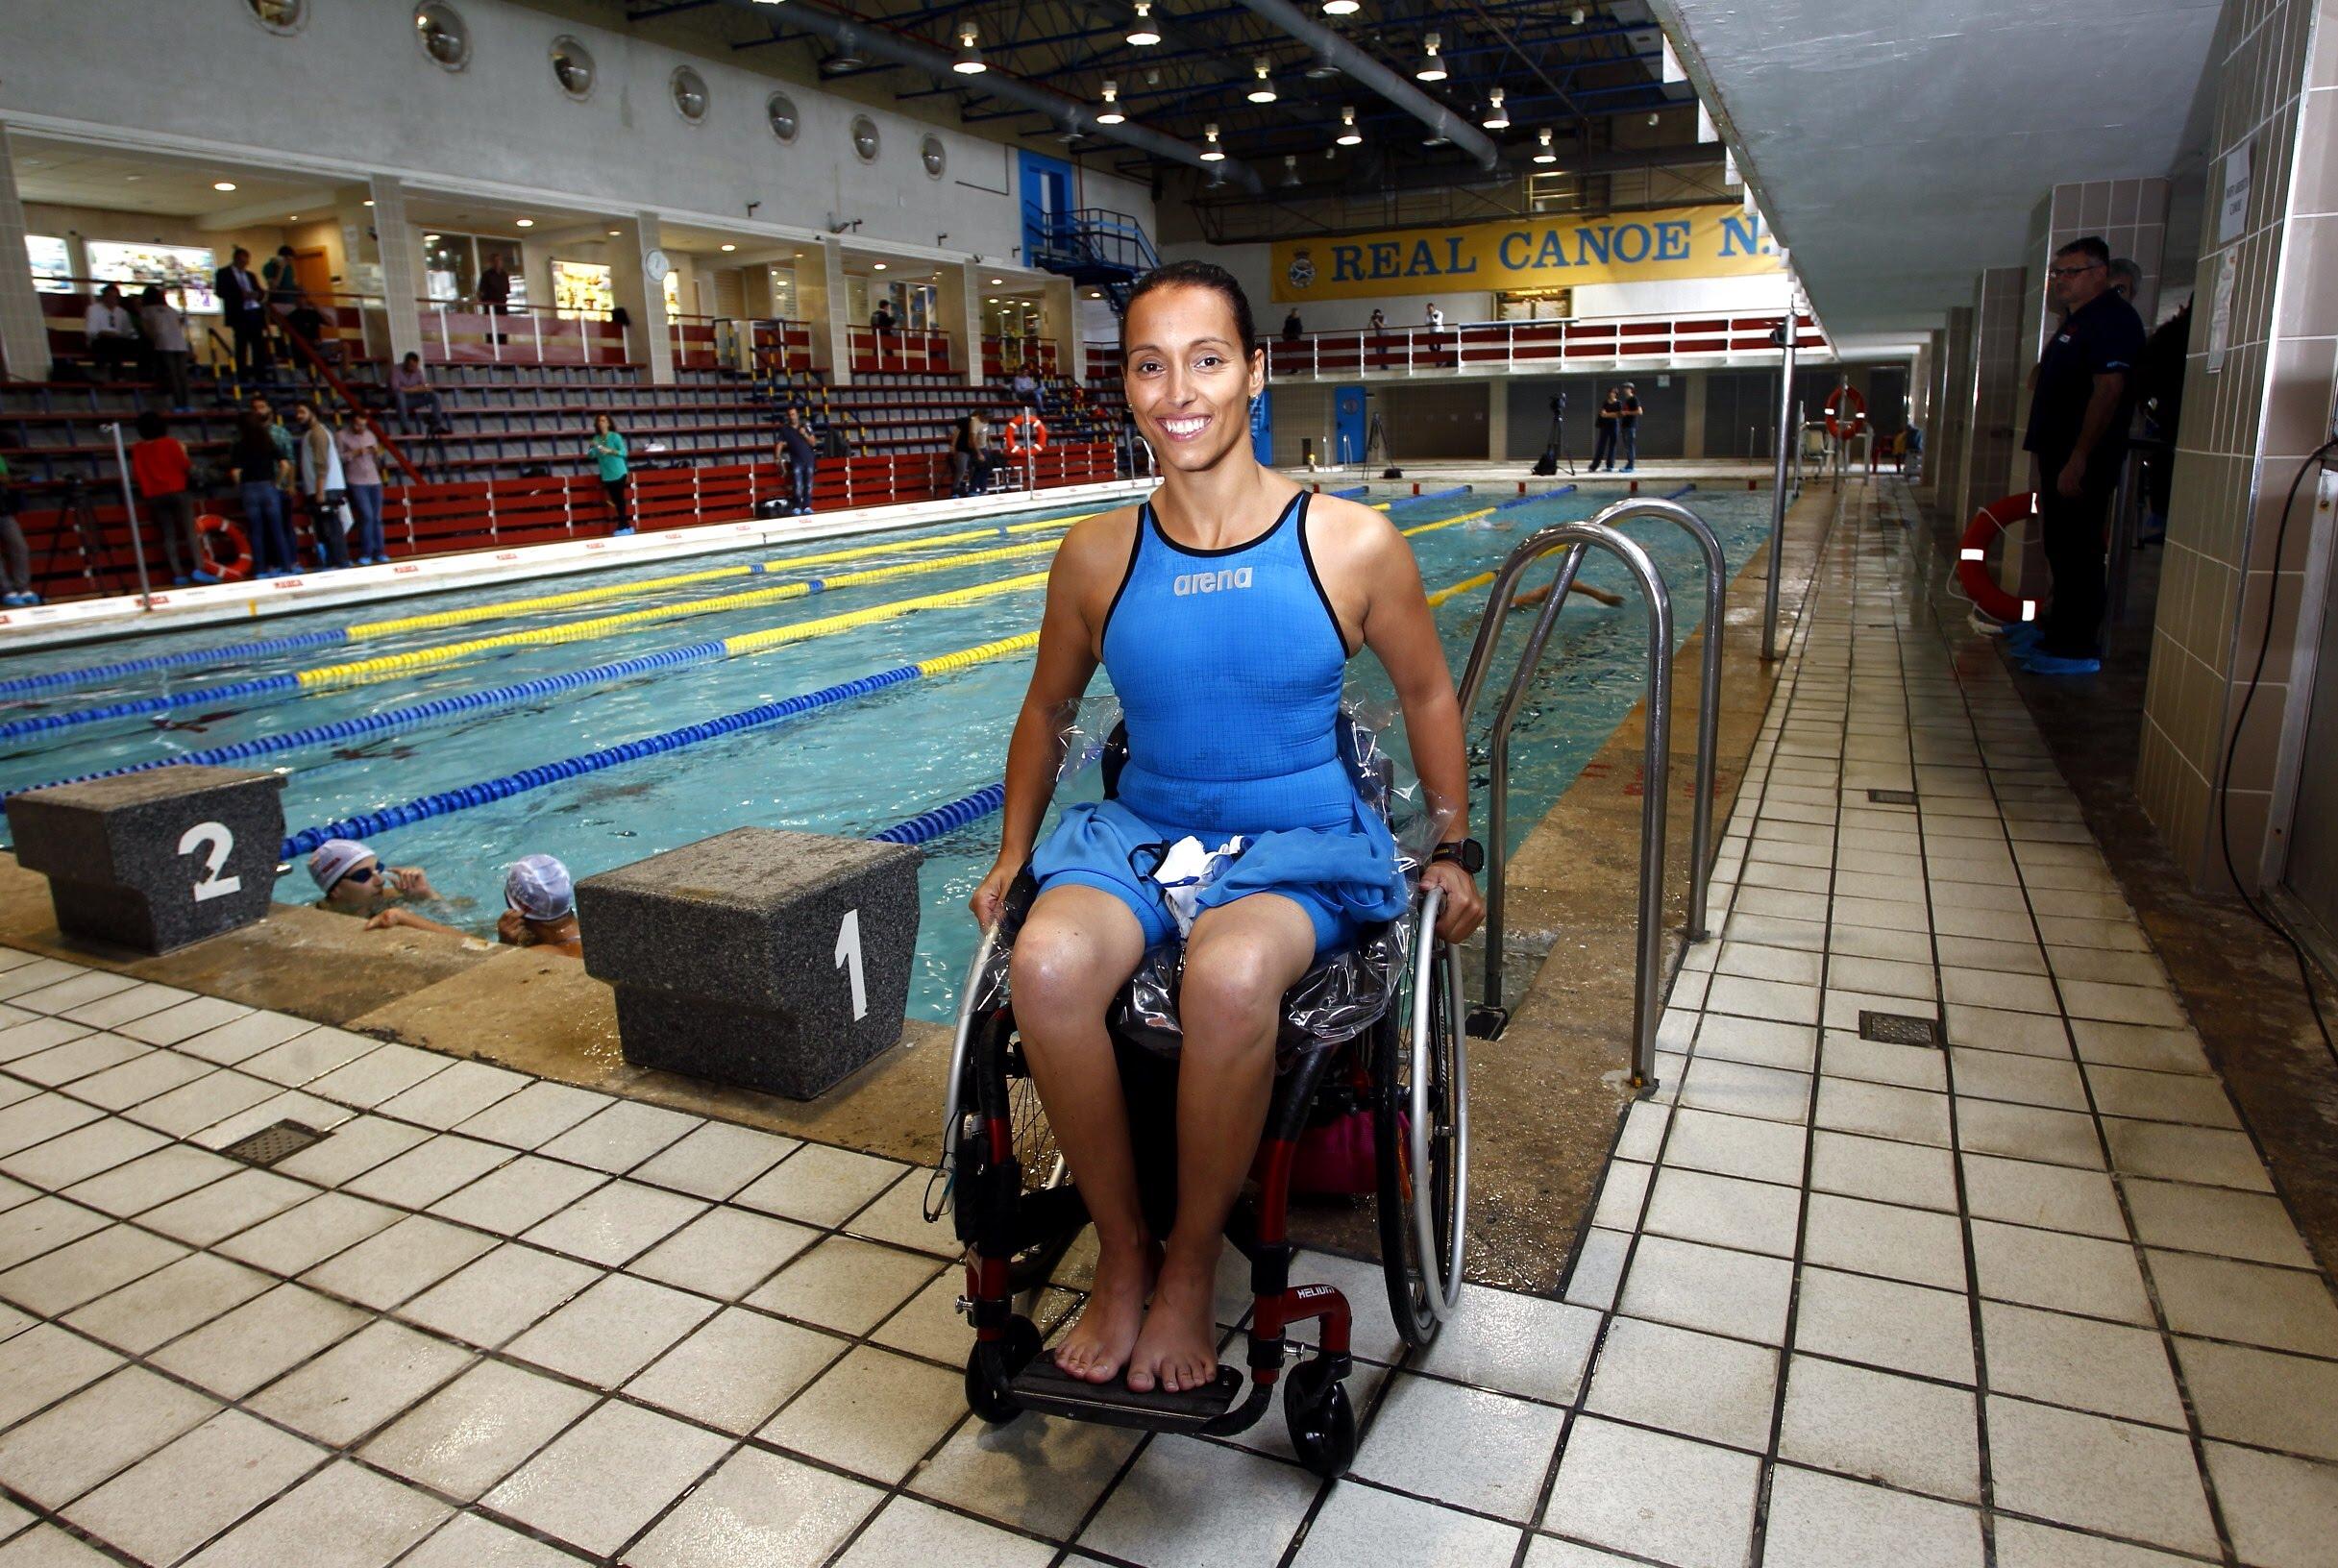 ¿Por qué no valen lo mismo una medalla olímpica que una paralímpica?